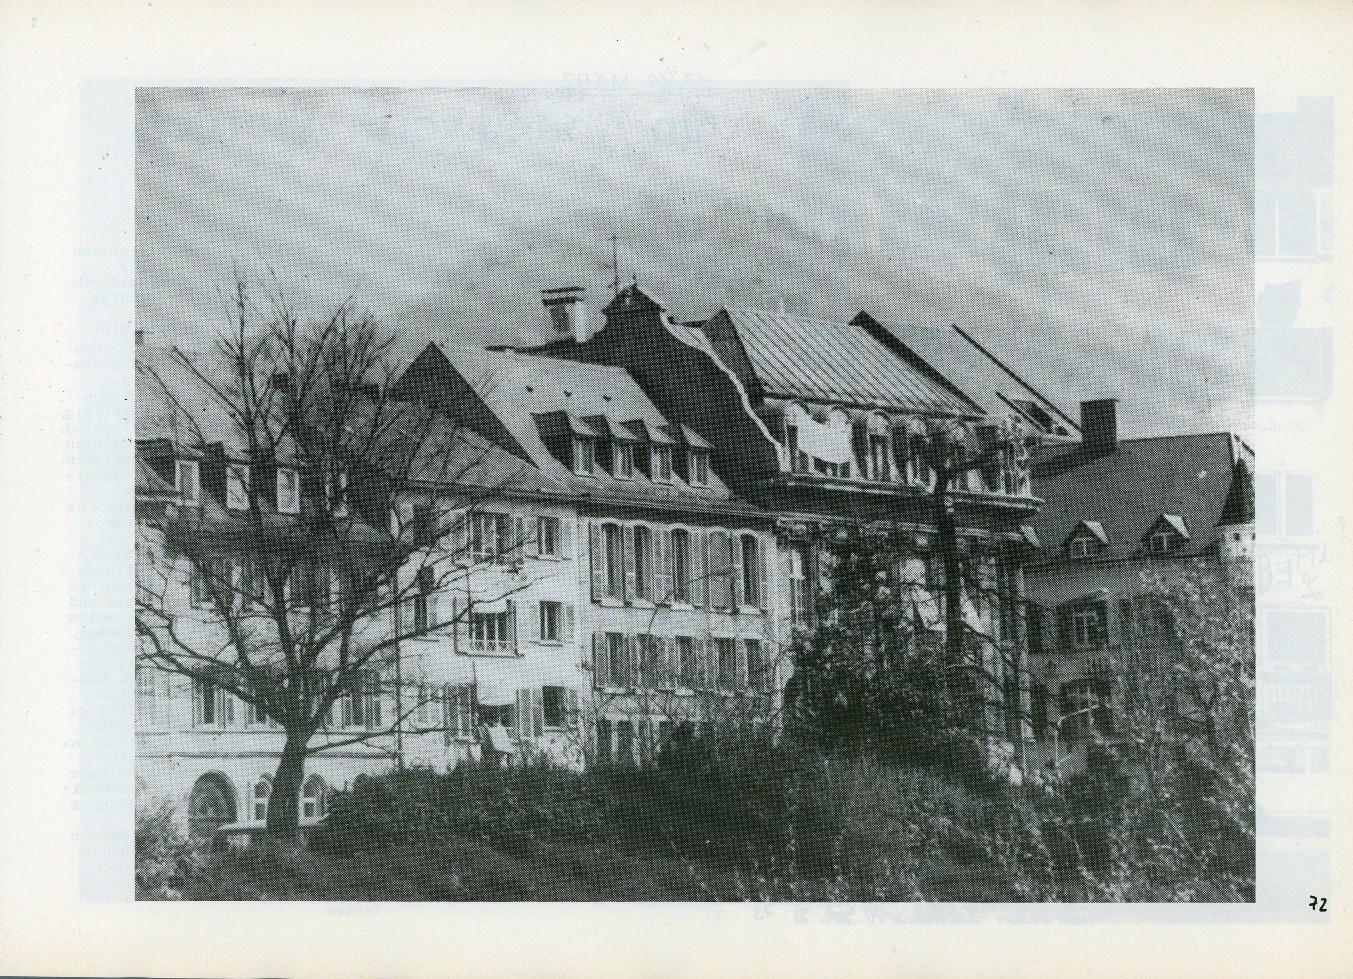 Freiburg_Hausbesetzung_01_Dreisameck_076